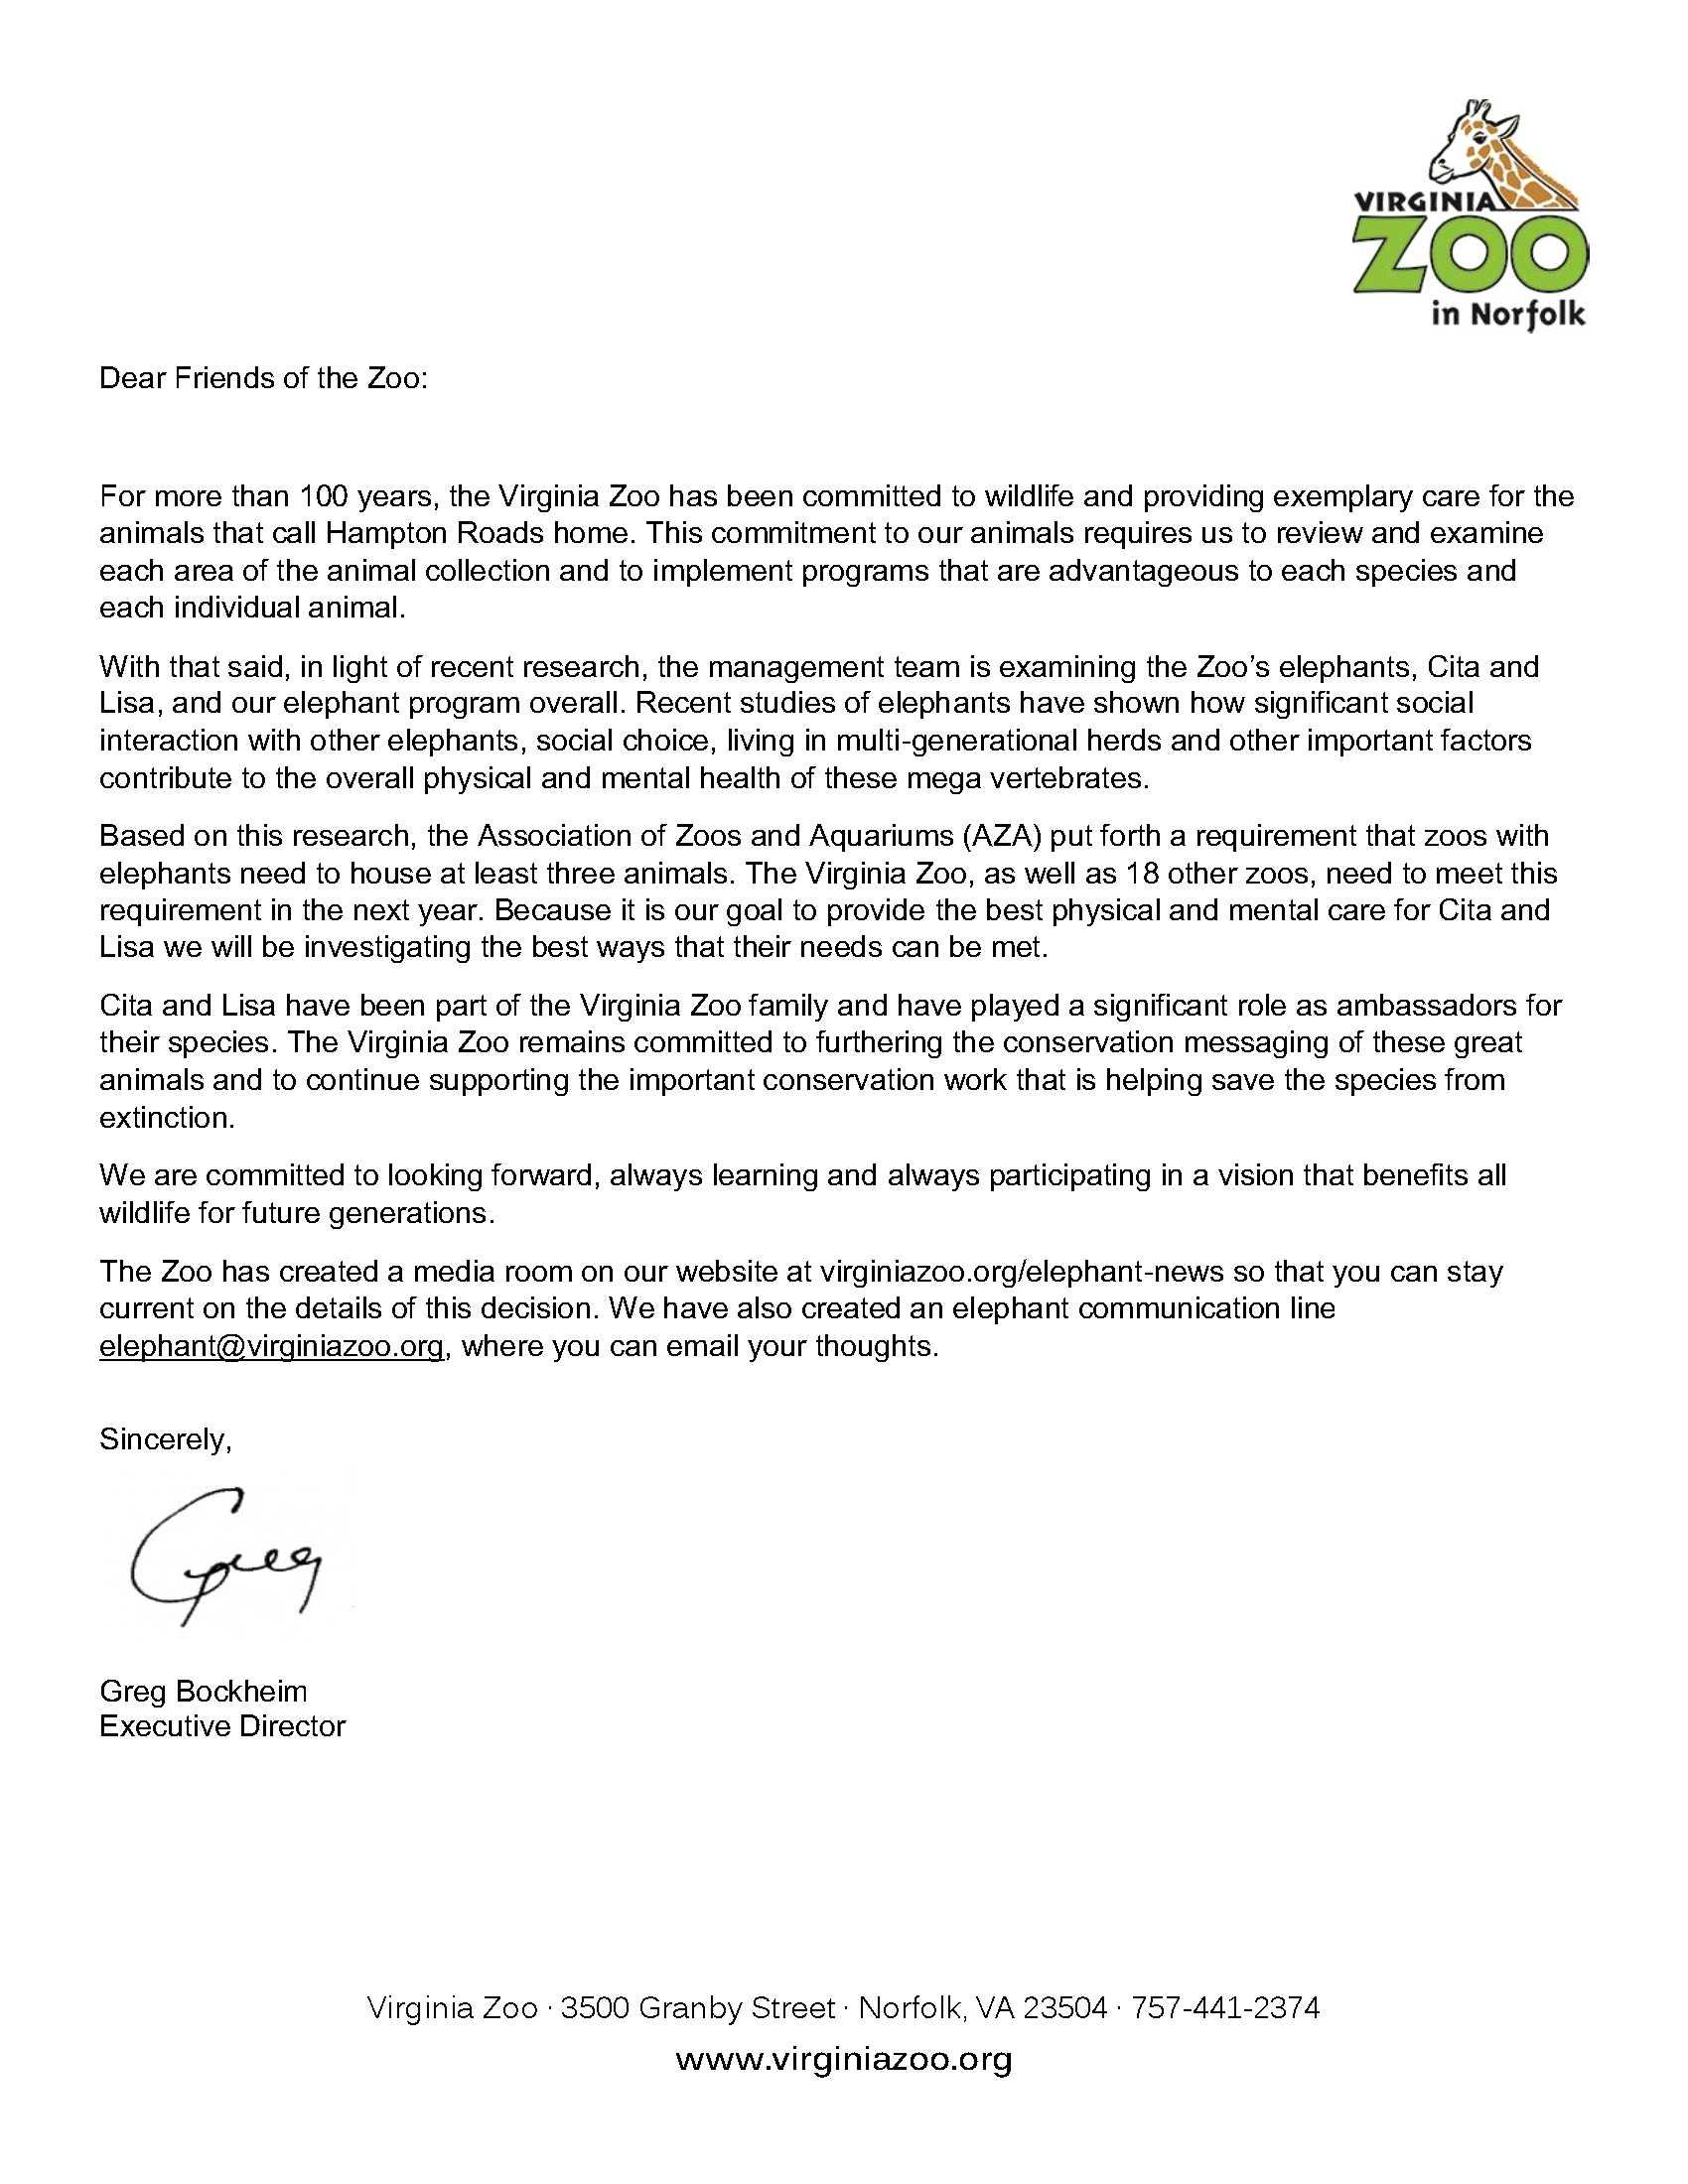 media letter from greg 5 13 15